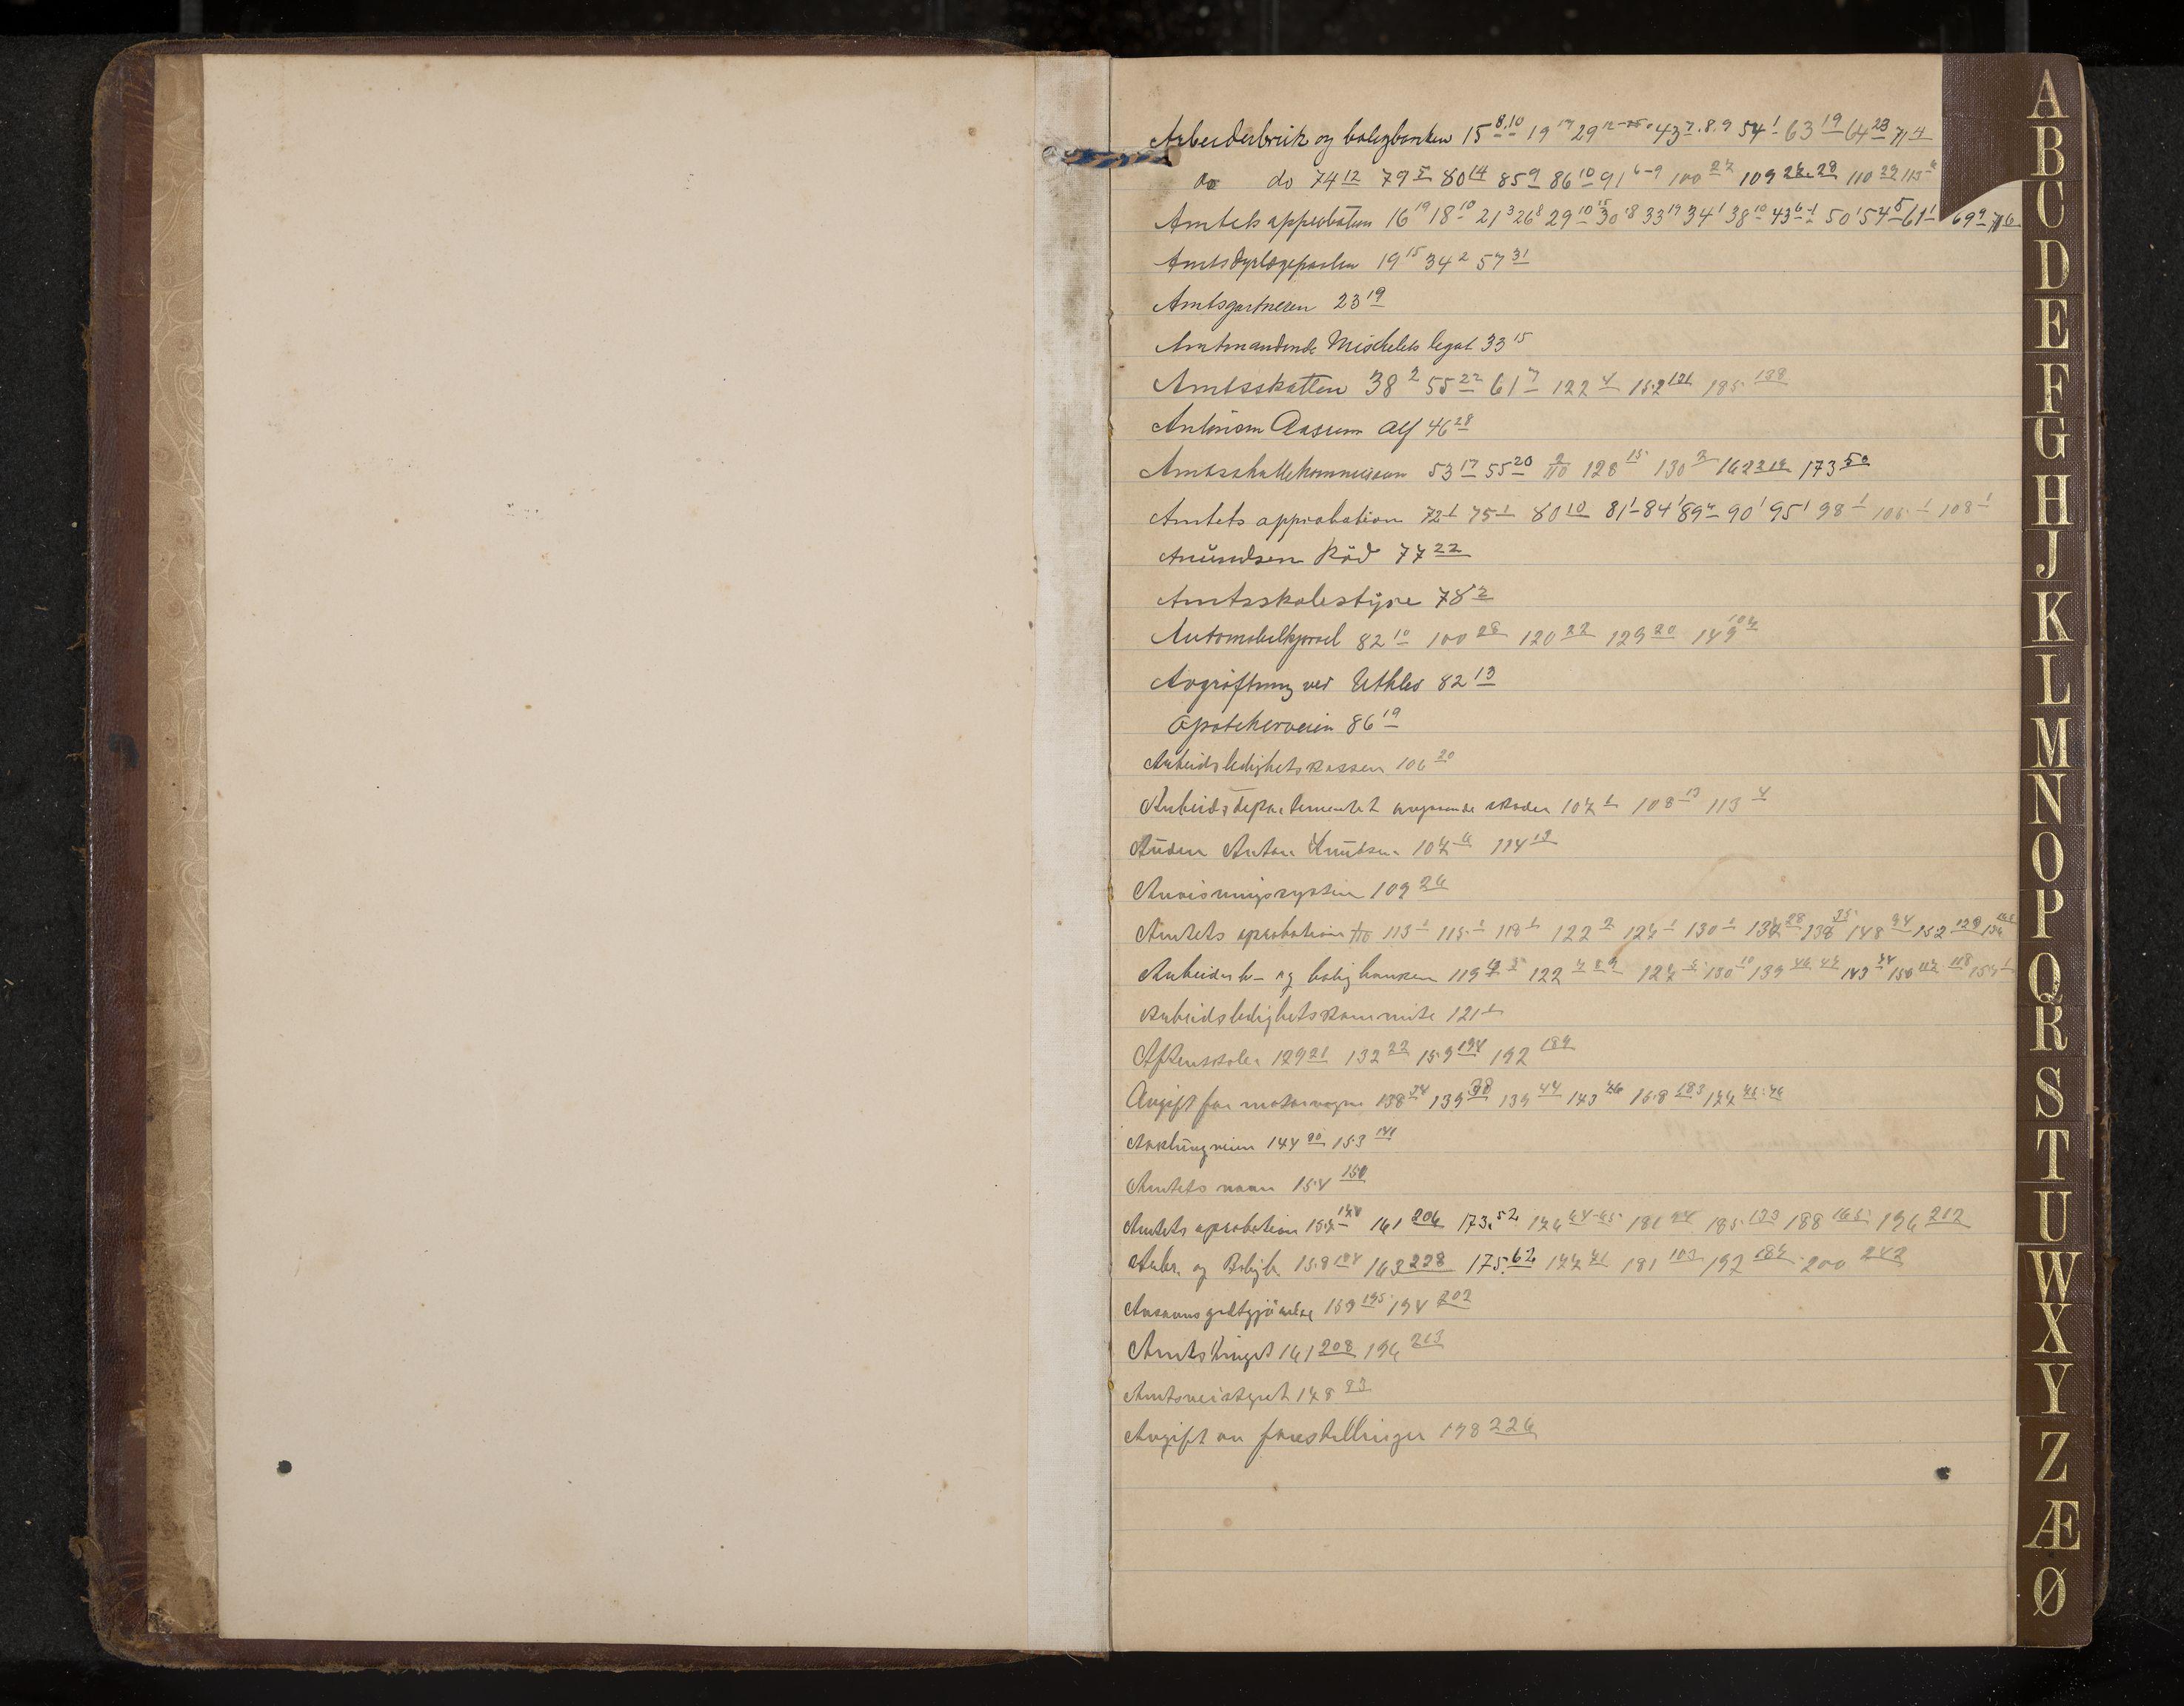 IKAK, Hedrum formannskap, Aa/L0006: Møtebok med register, 1911-1916, s. 1